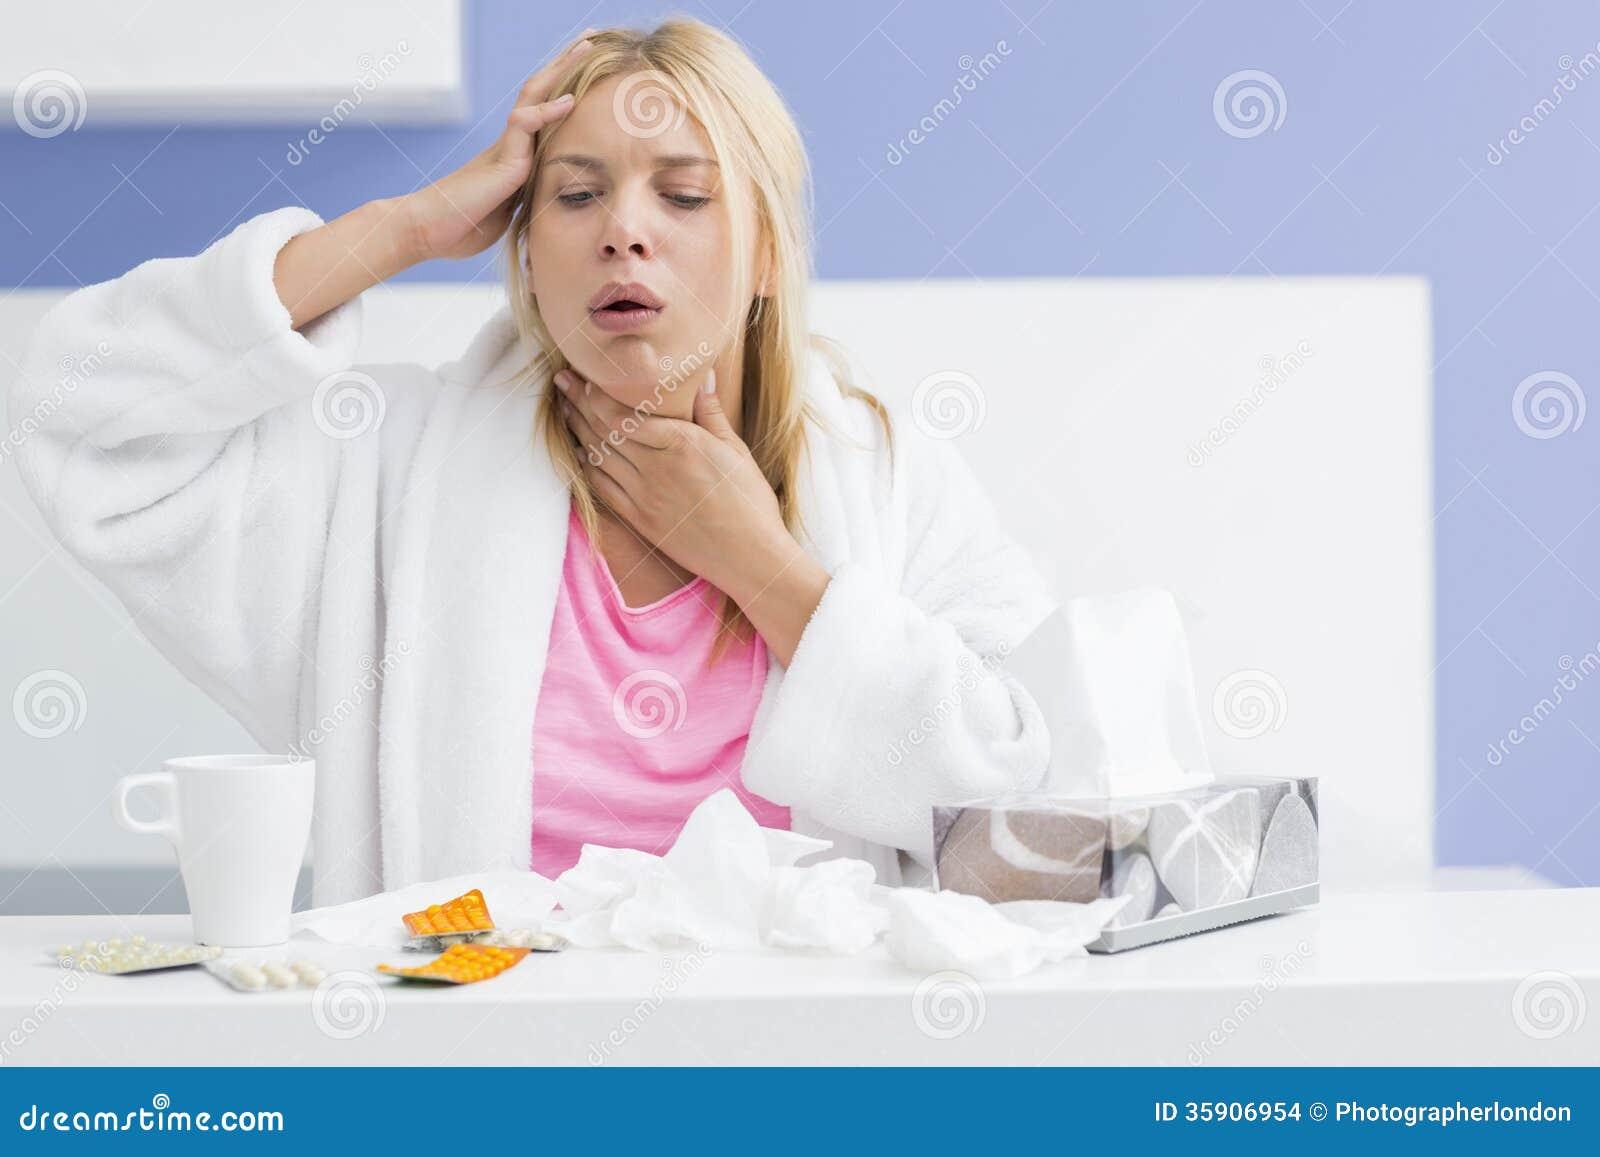 Сухой кашель лечение при беременности